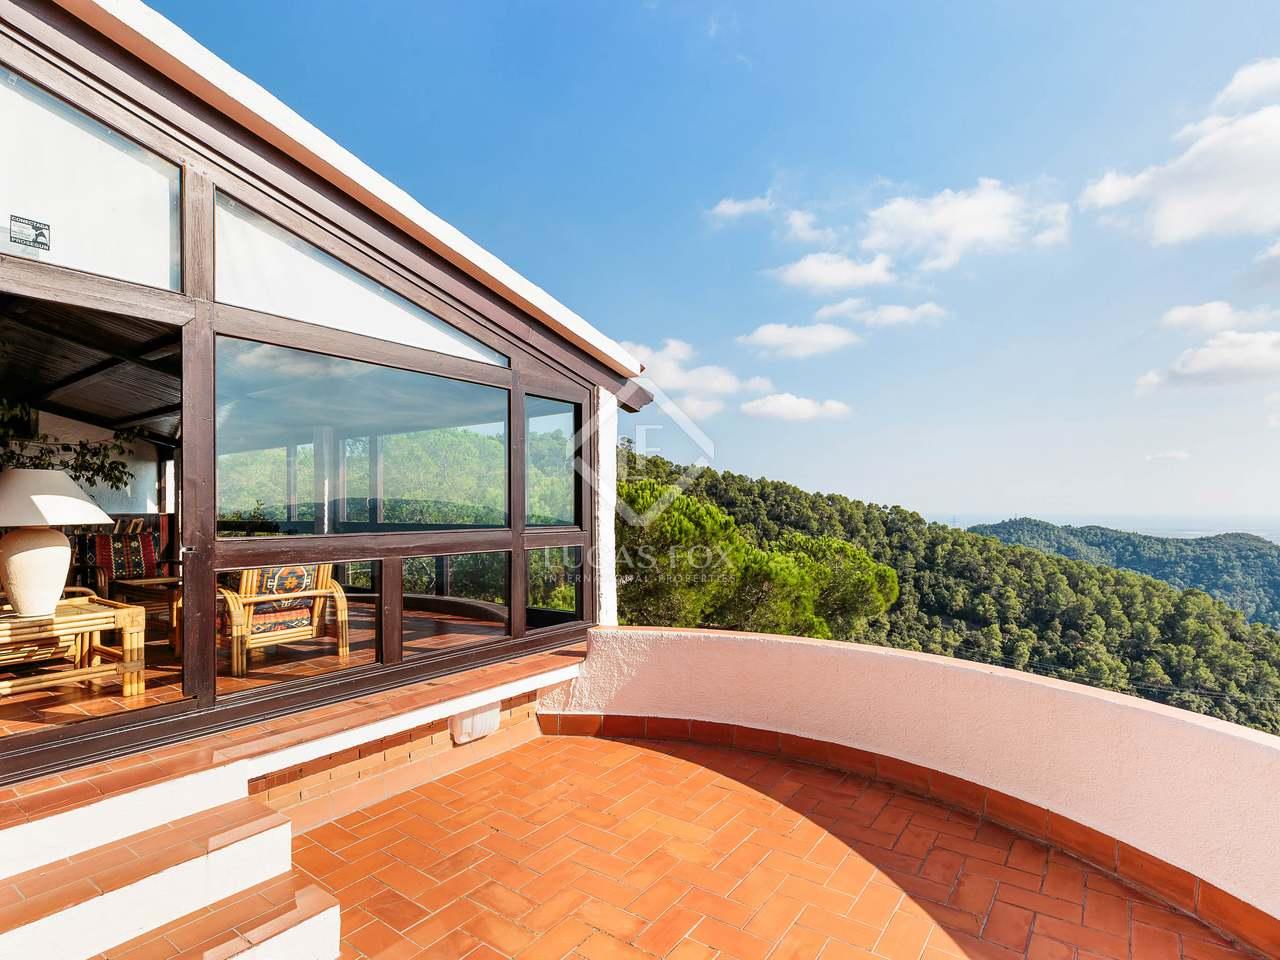 Maison villa de 300m a vendre sarri avec 4 733m de for Piscine w barcelone